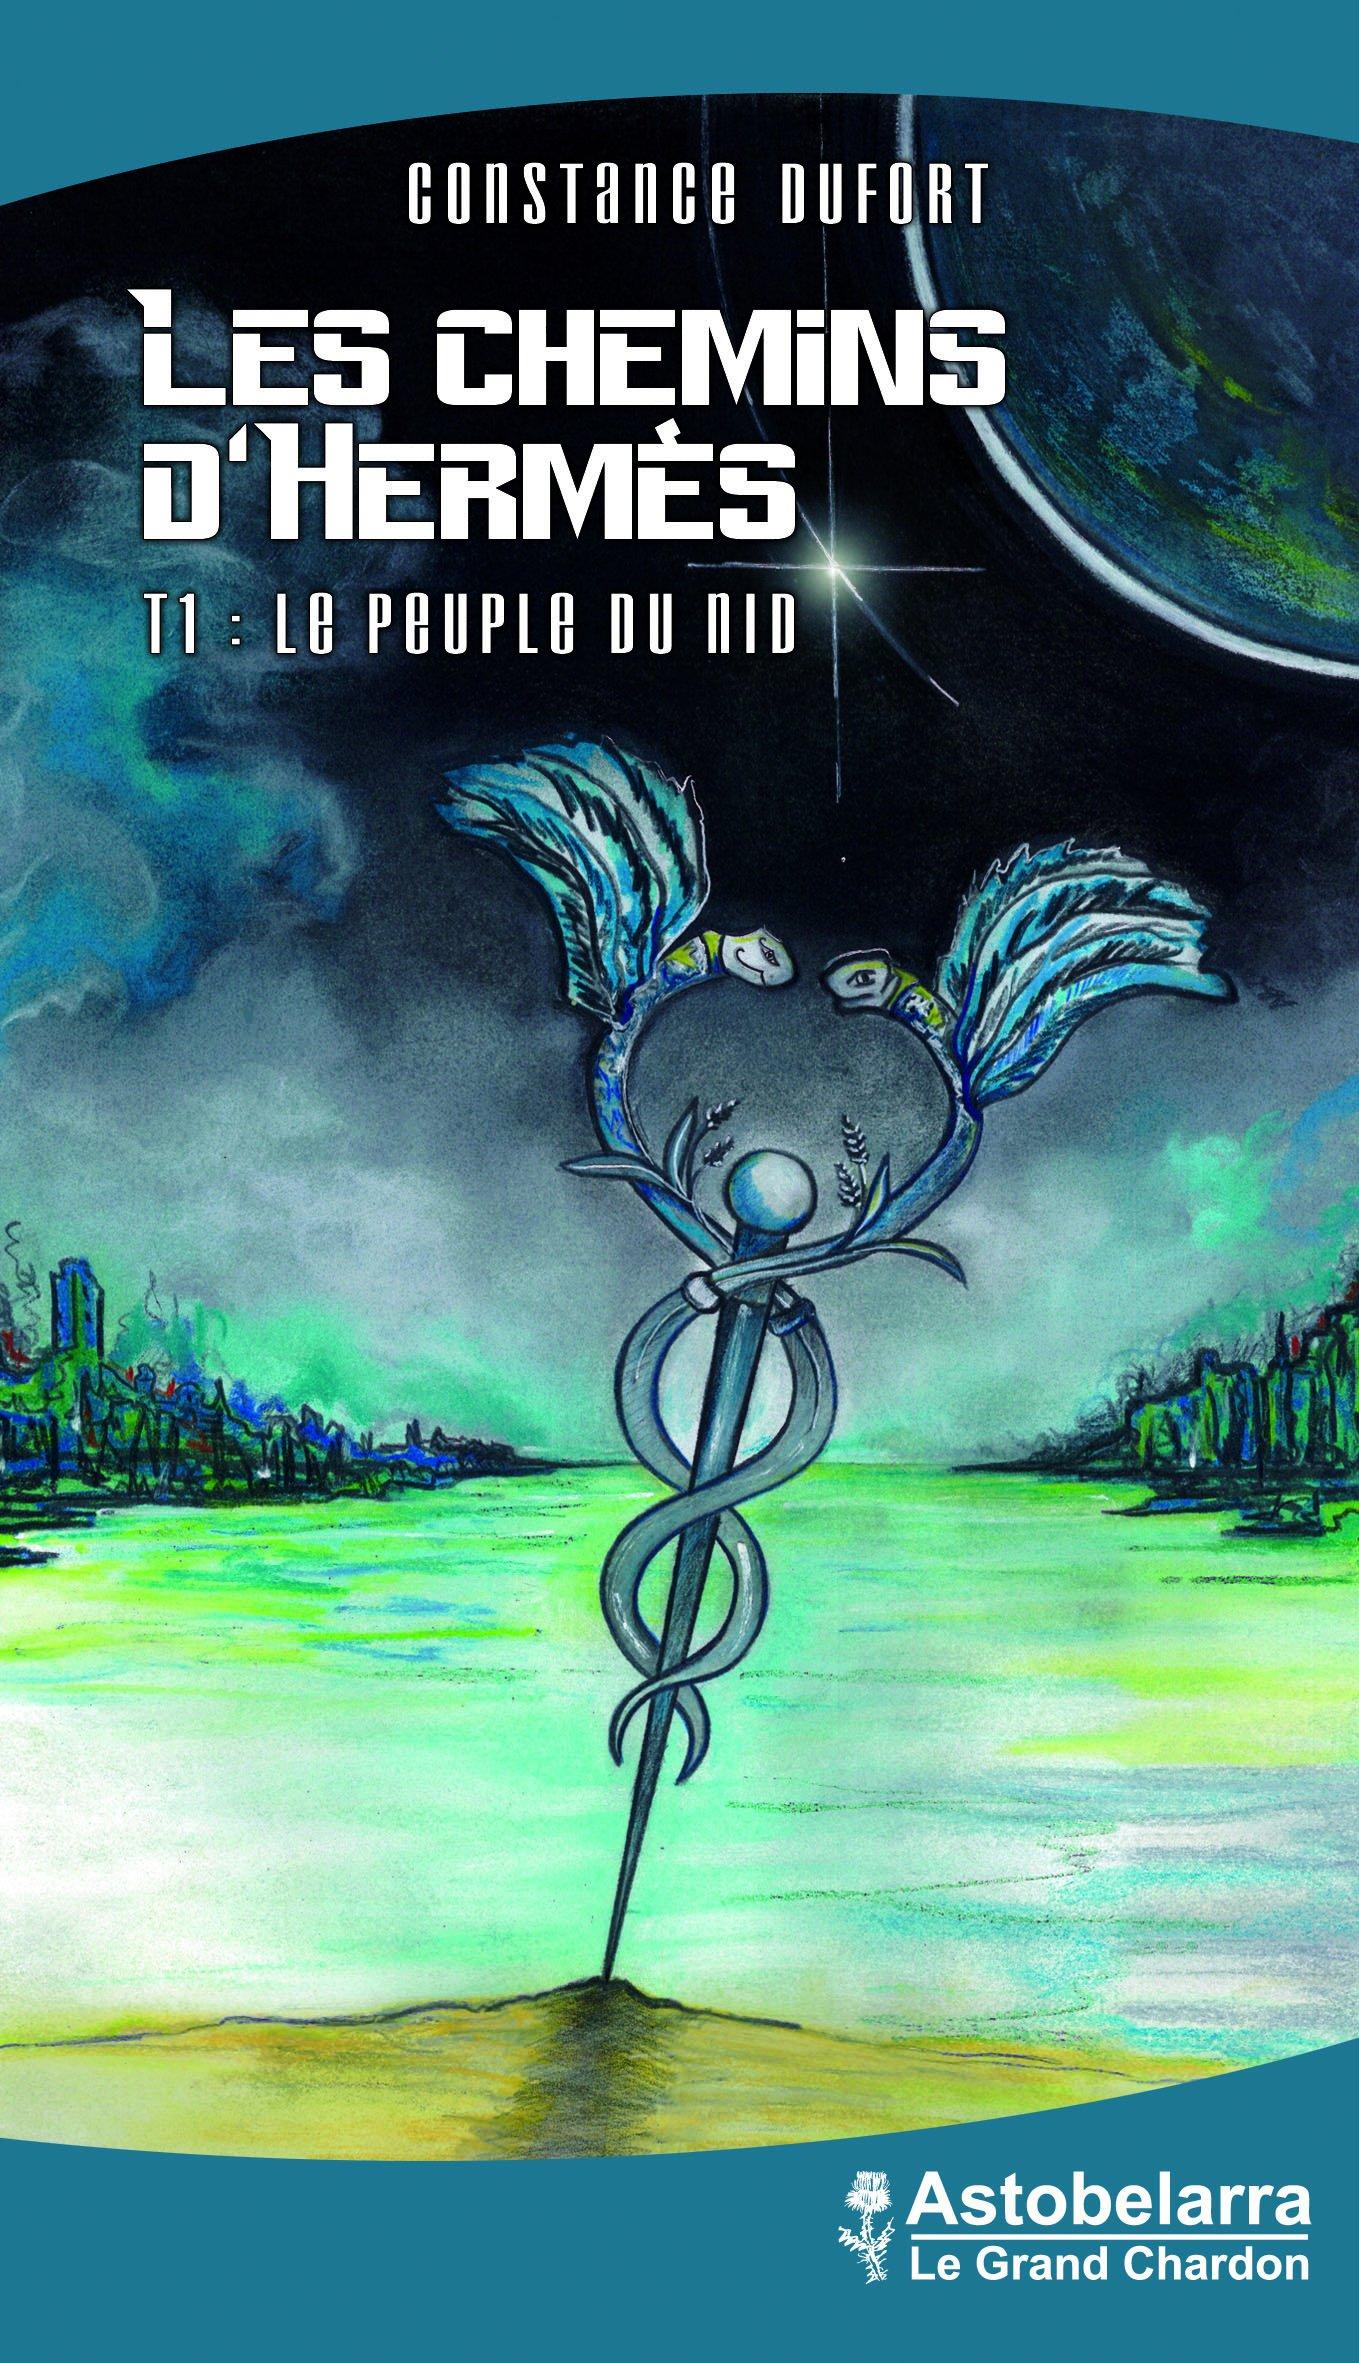 15ab1dacce9 Amazon.fr - Les Chemins d Hermes Tome 1 le Peuple du Nid - Constance Dufort  - Livres